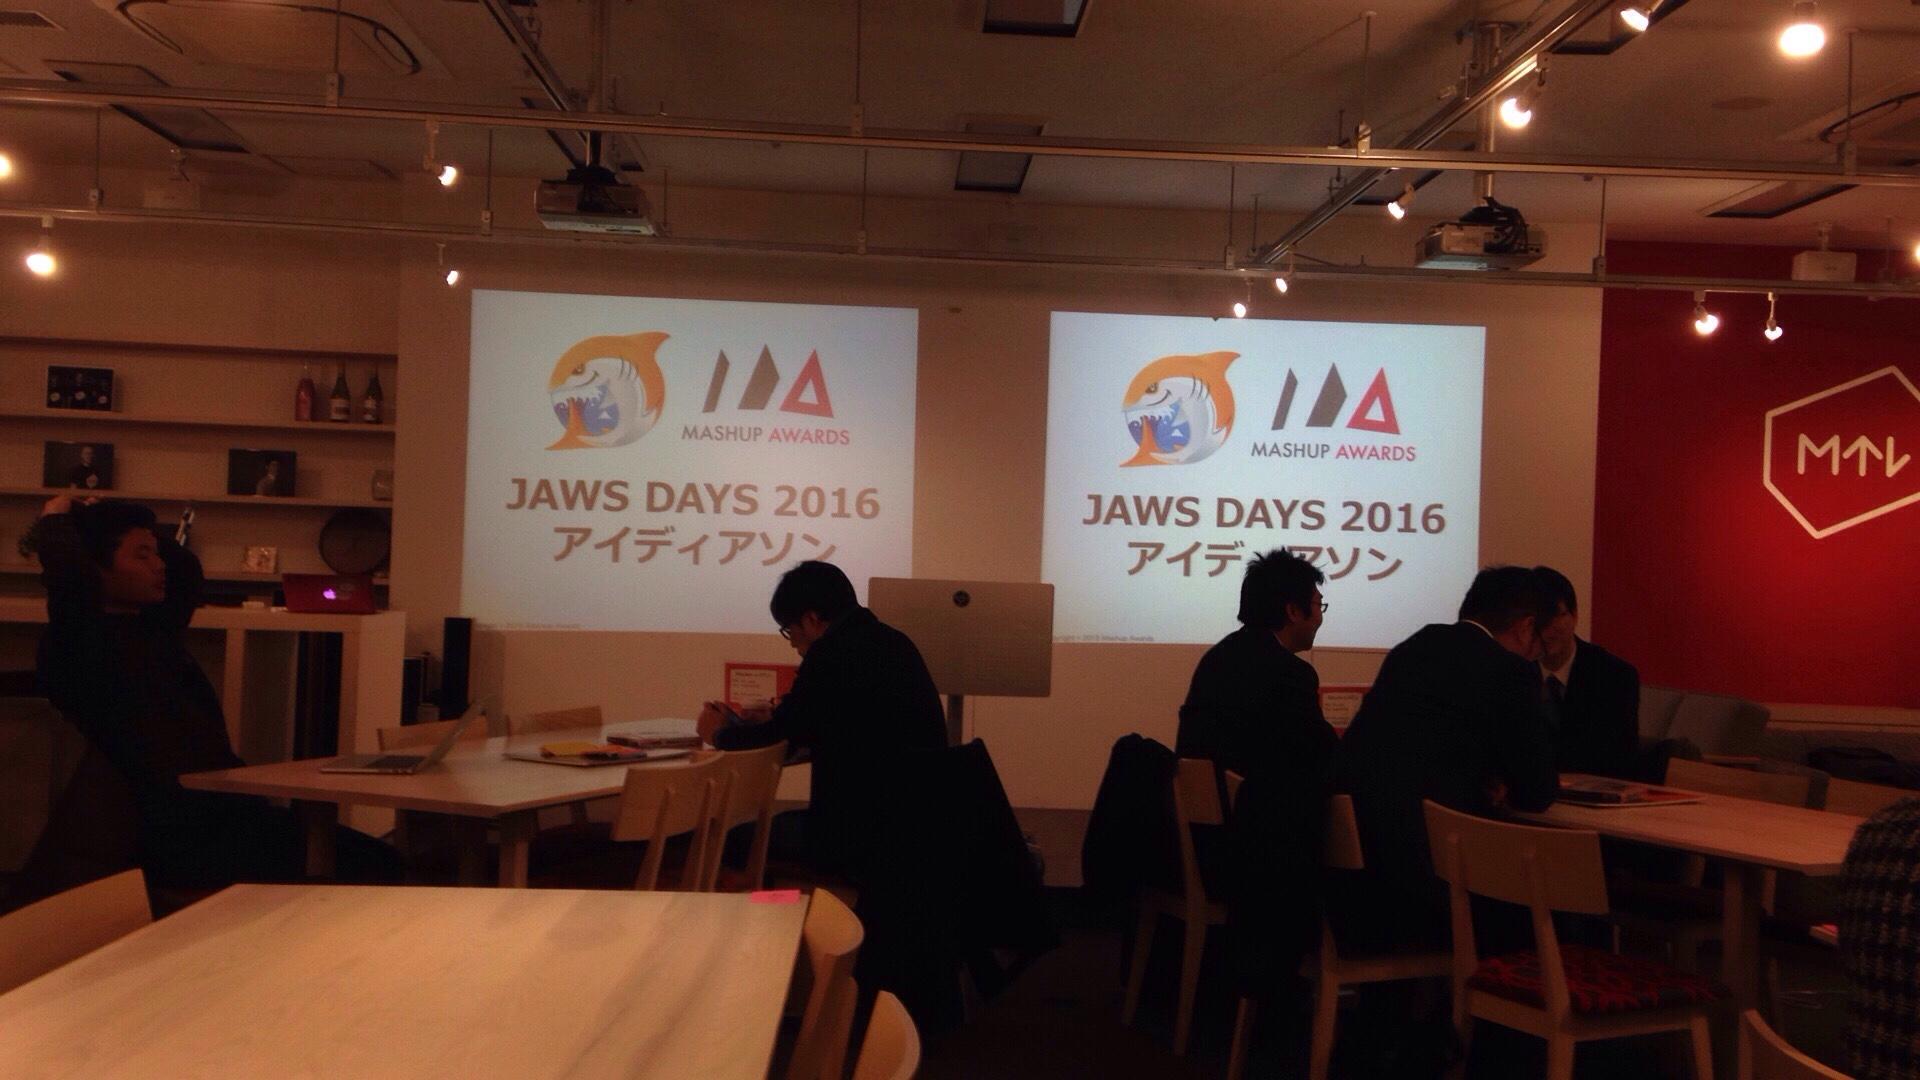 【JAWS DAYS出張&MAコラボ企画】JAWS DAYS 2016アイディアソンに参加しました!